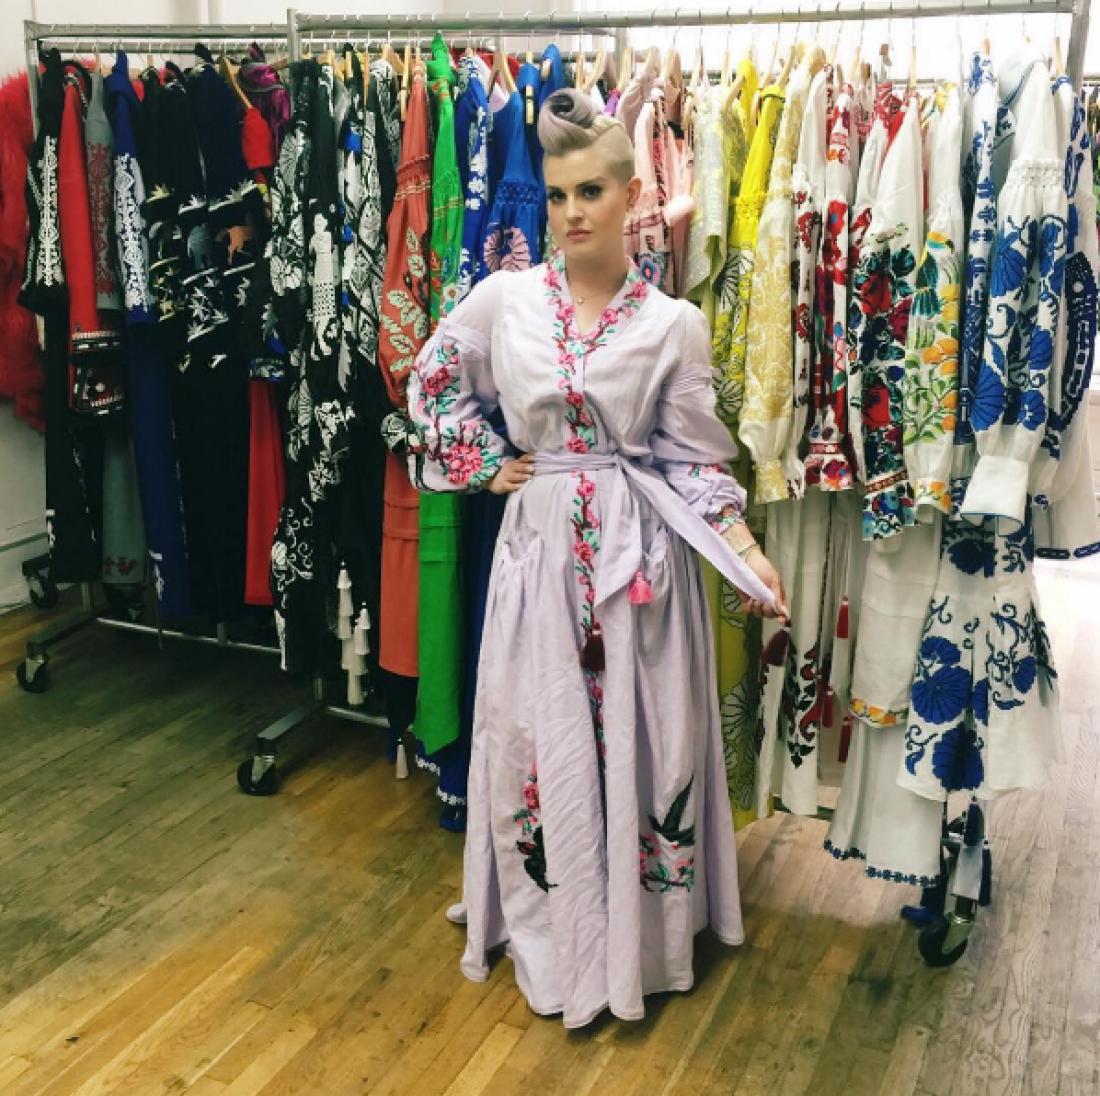 Телеведущая Келли Осборн отметила перспективу Украины на модном рынке